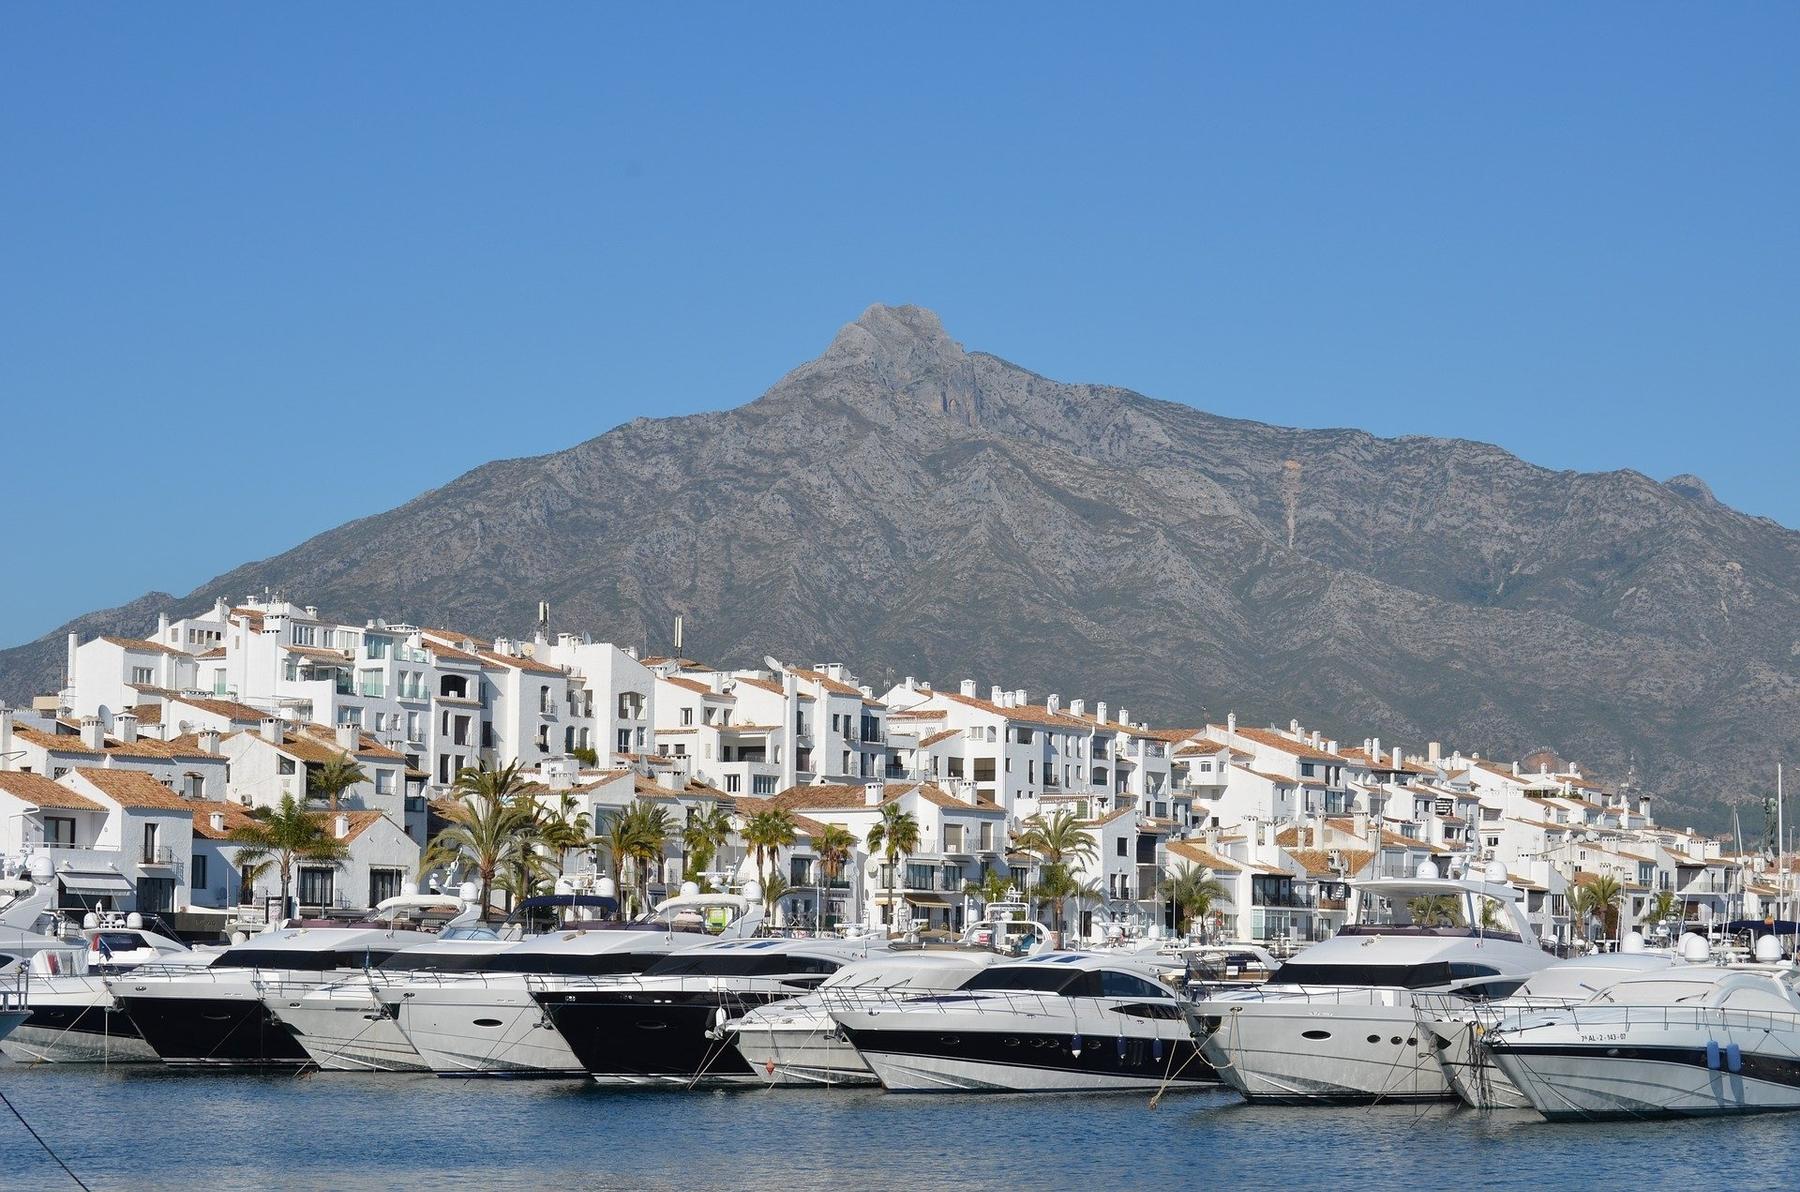 Otra parada que no debe faltar en un viaje a la provincia de Málaga es un paseo por Puerto Banús